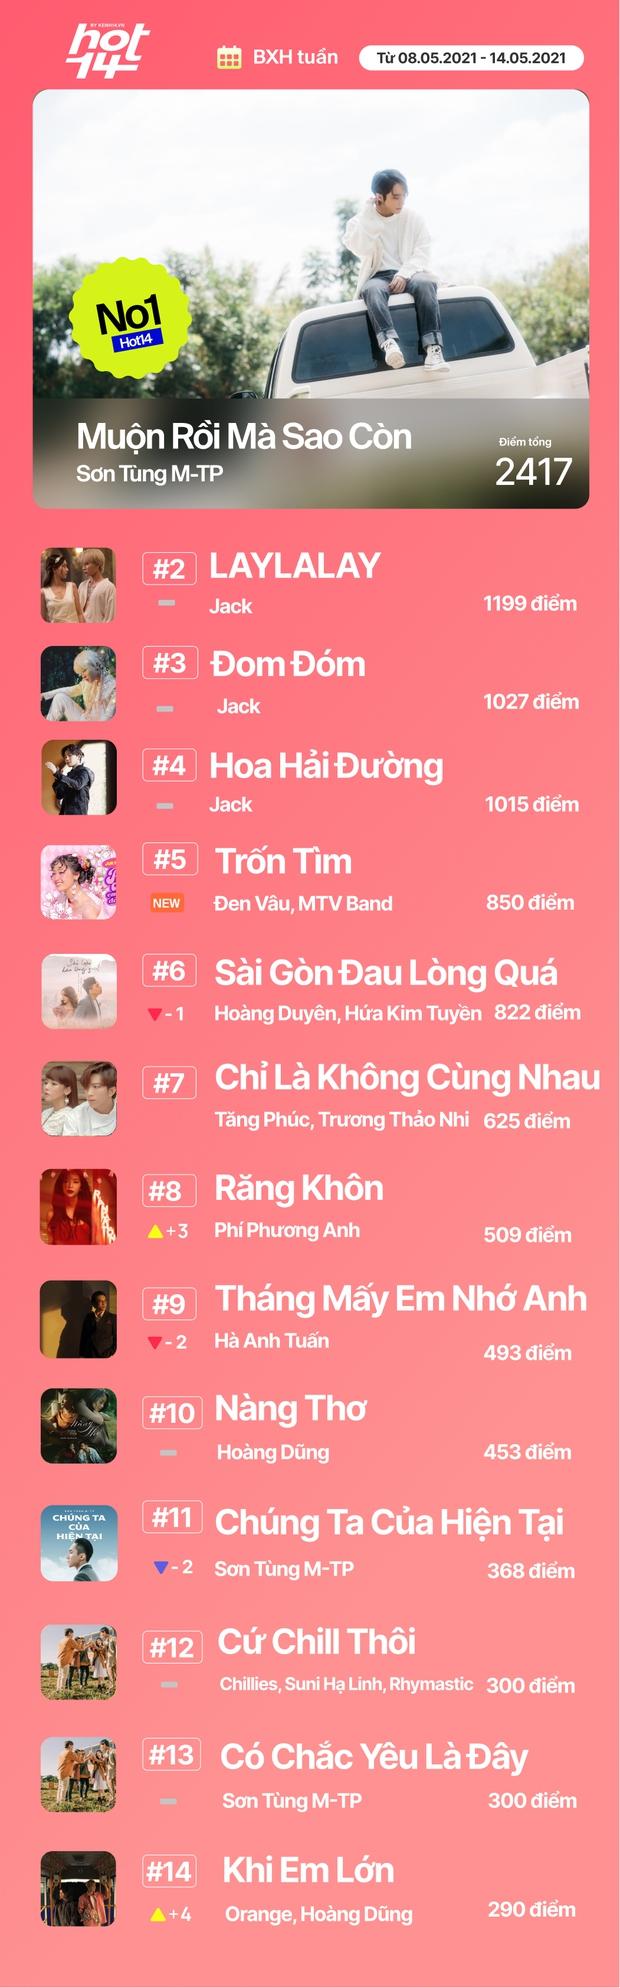 Thứ hạng của Jack và Sơn Tùng M-TP ra sao trước sức nóng của Đen Vâu và MTV Band trong BXH HOT14 tuần này? - Ảnh 19.